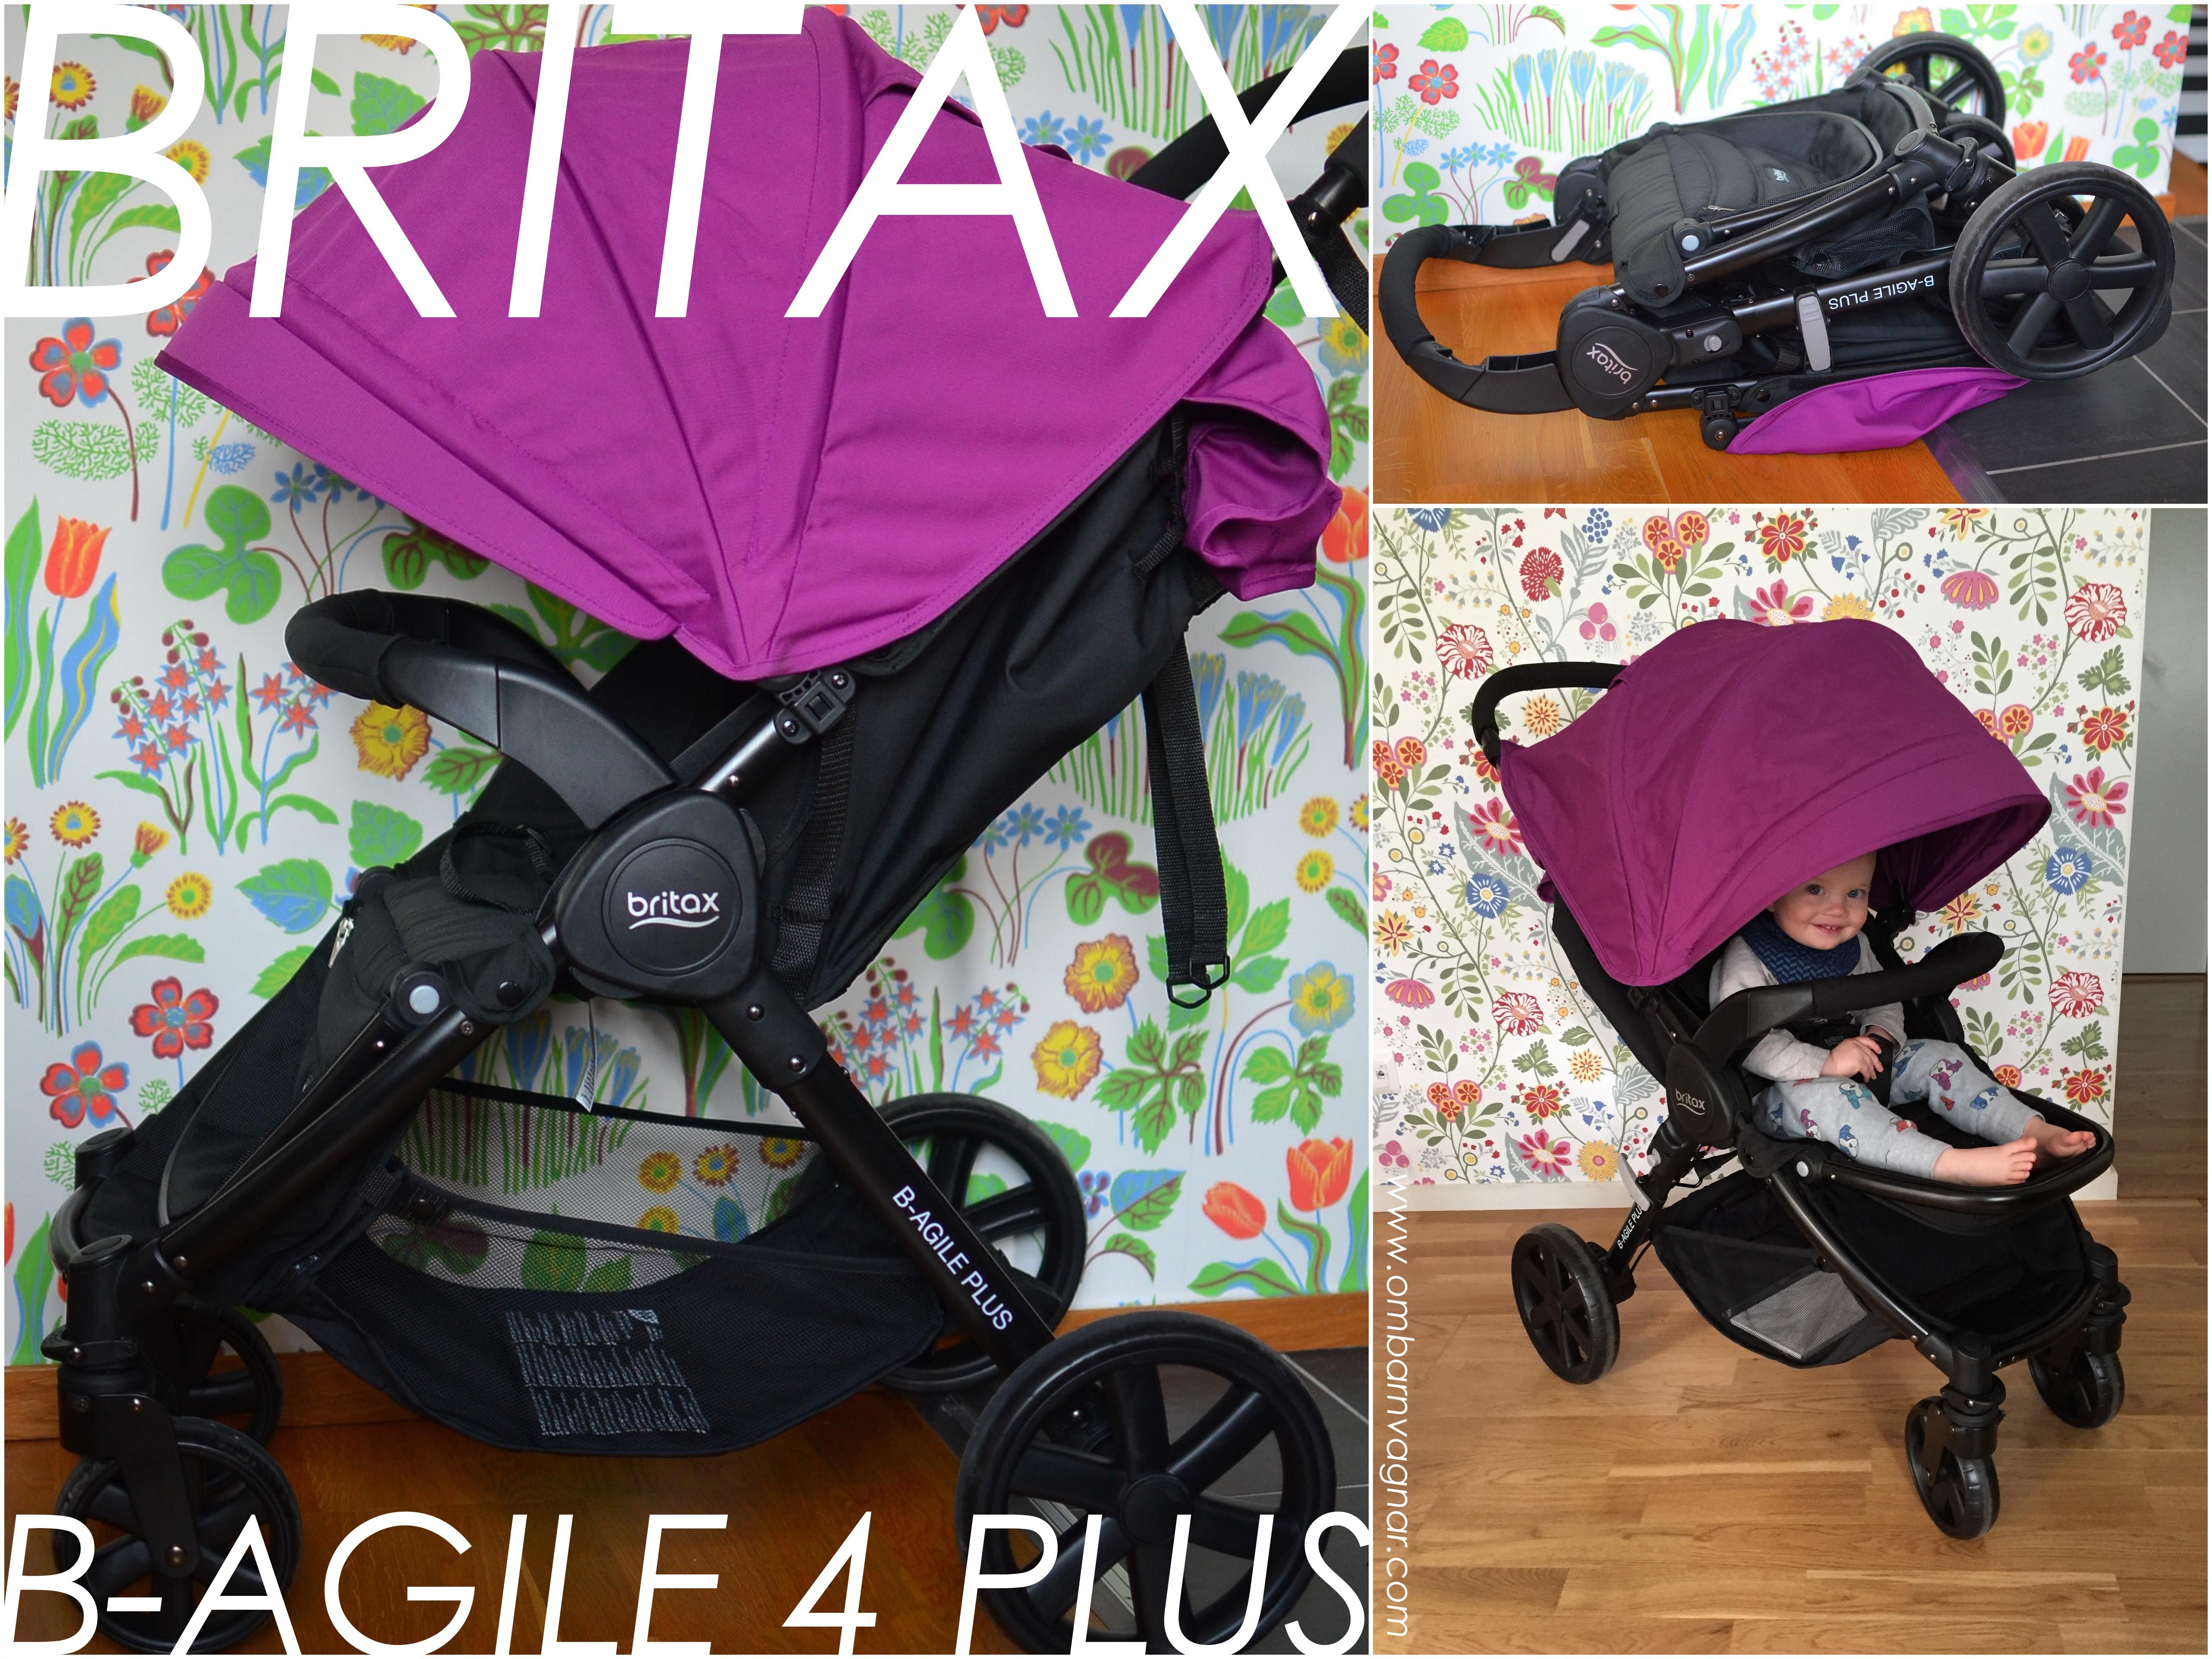 Britax-B-Agile-4-Plus_front